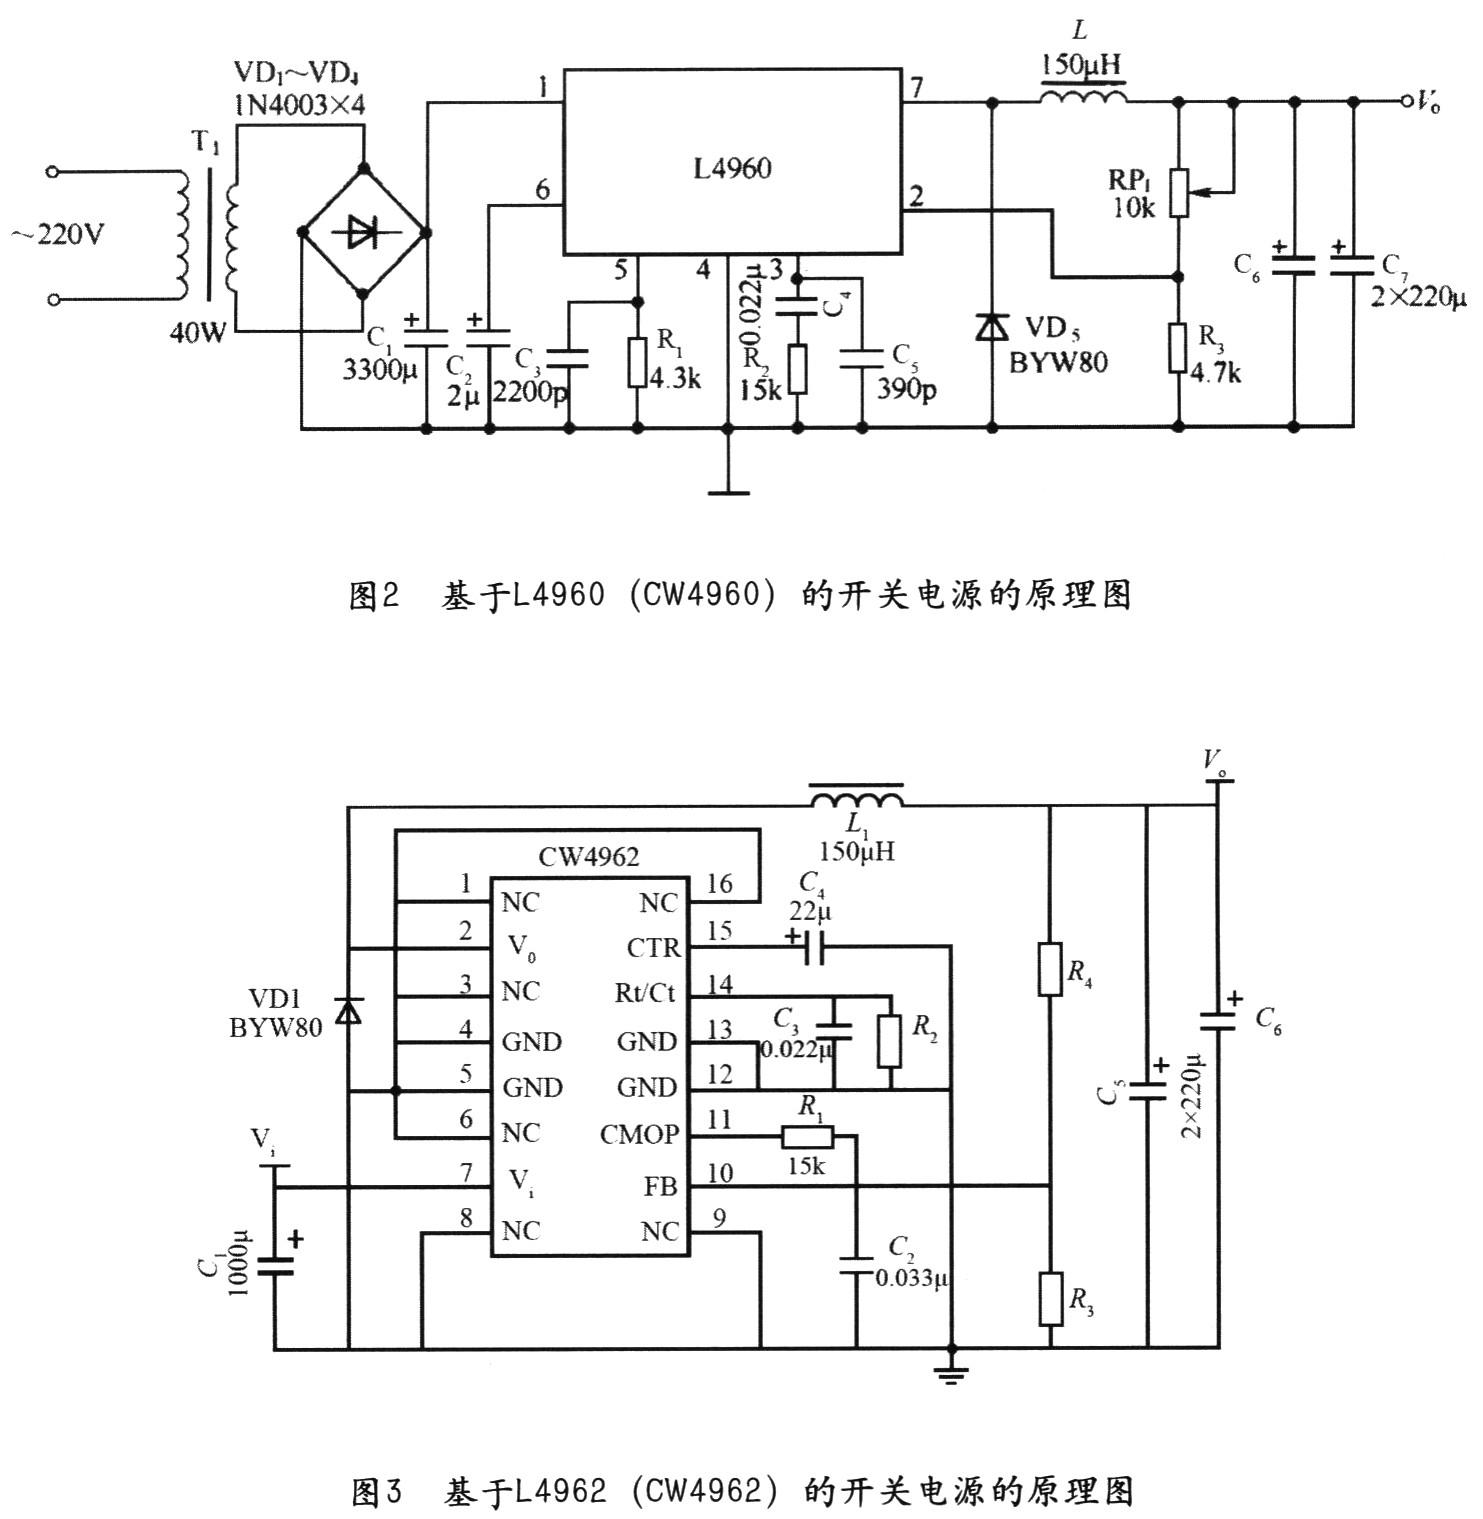 图3给出tl4962(cw4962)的开关电源的原理图.